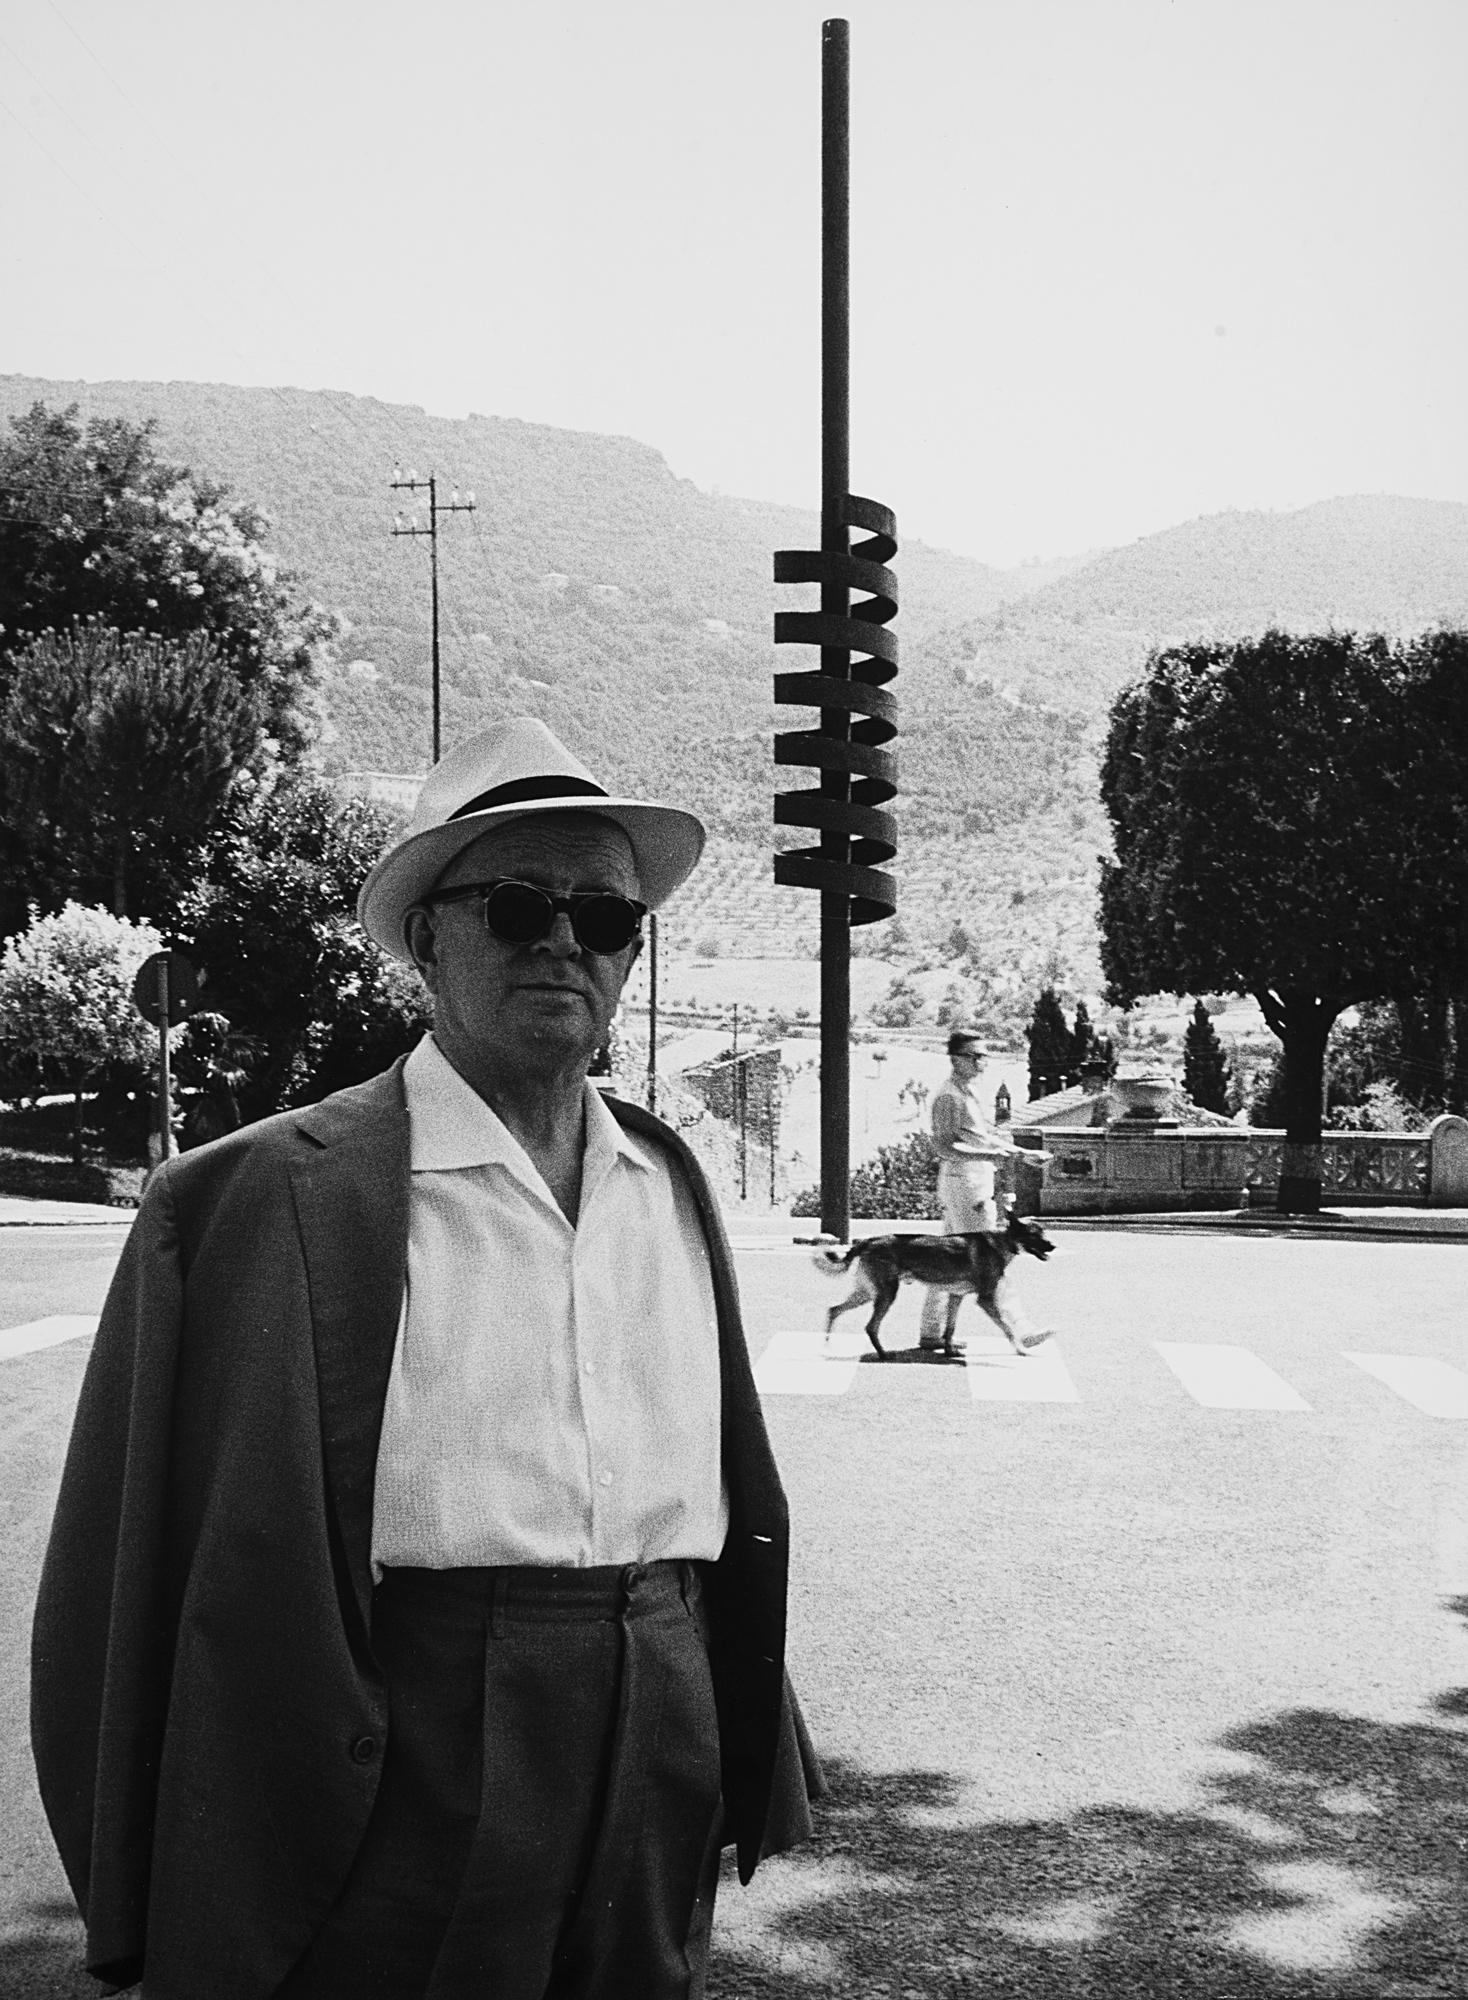 Ettore Colla 'La grande spirale', Spoleto, 1962